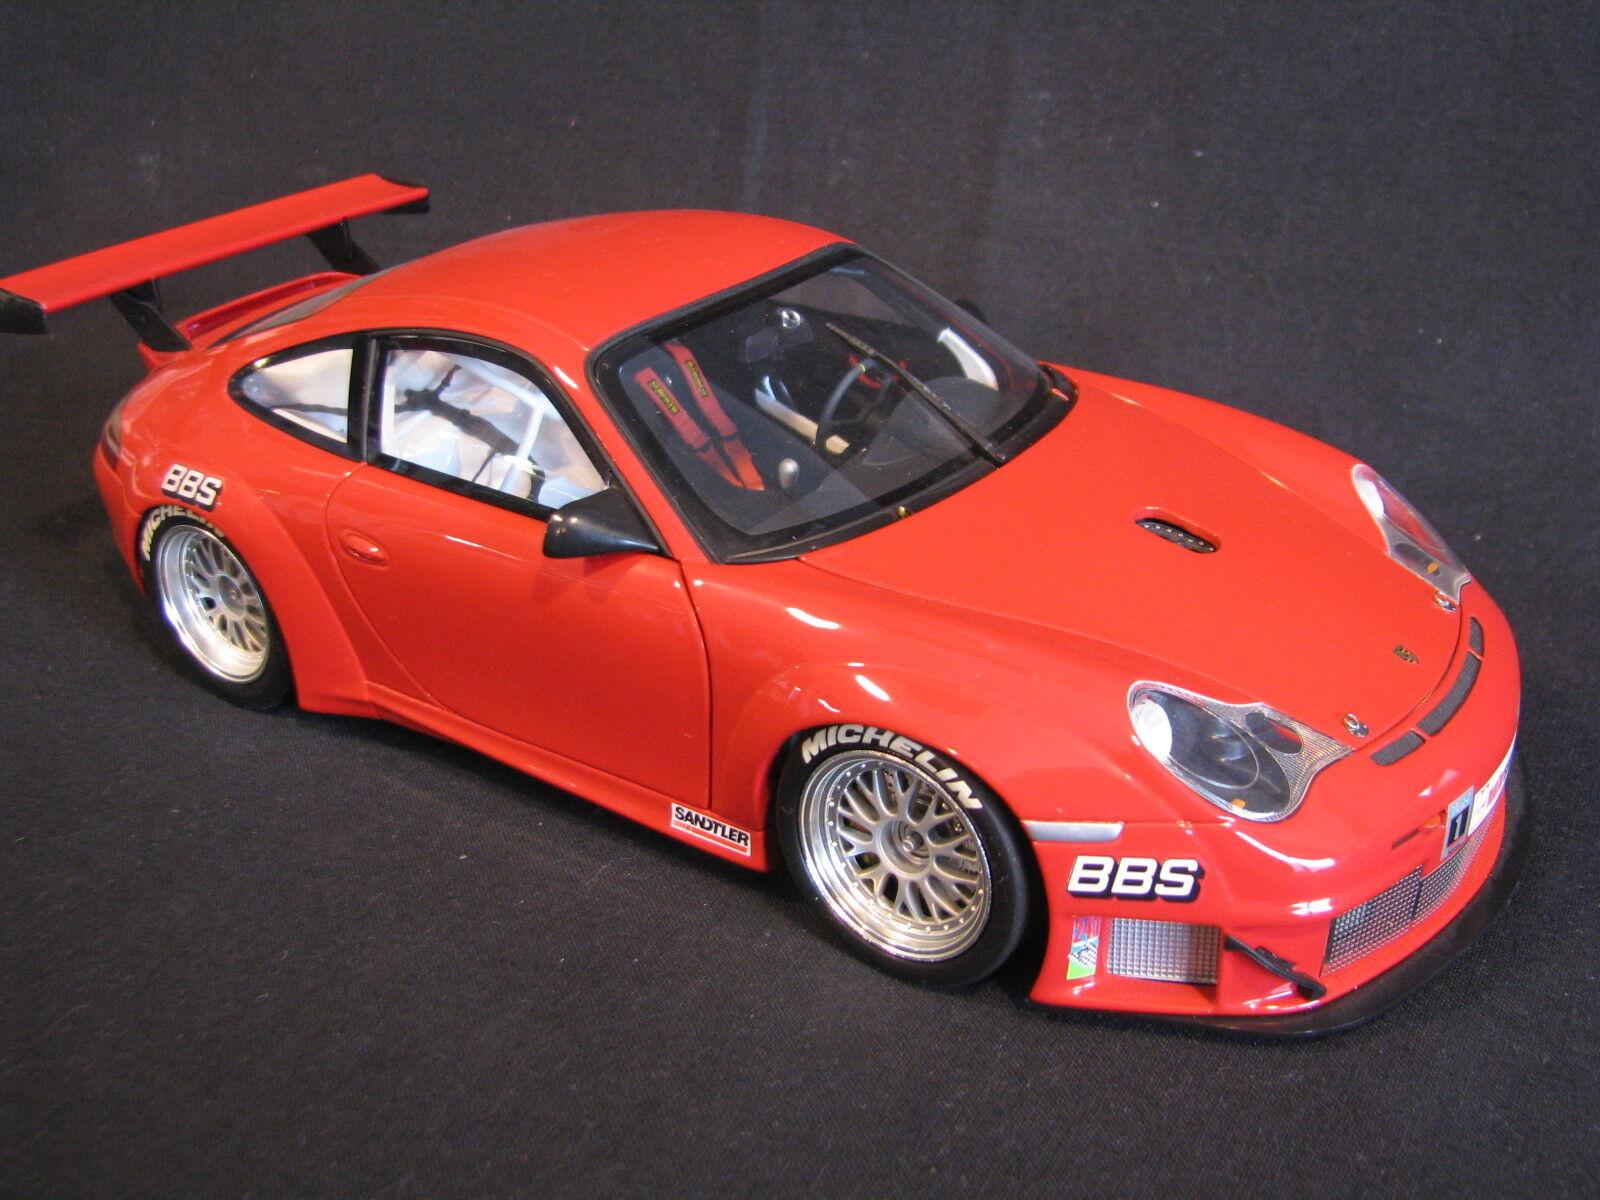 Carrera Digital132 30627 Ferrari 150 Italia Felipe Massa No Elektrisches Spielzeug 6 Neu Modellbau